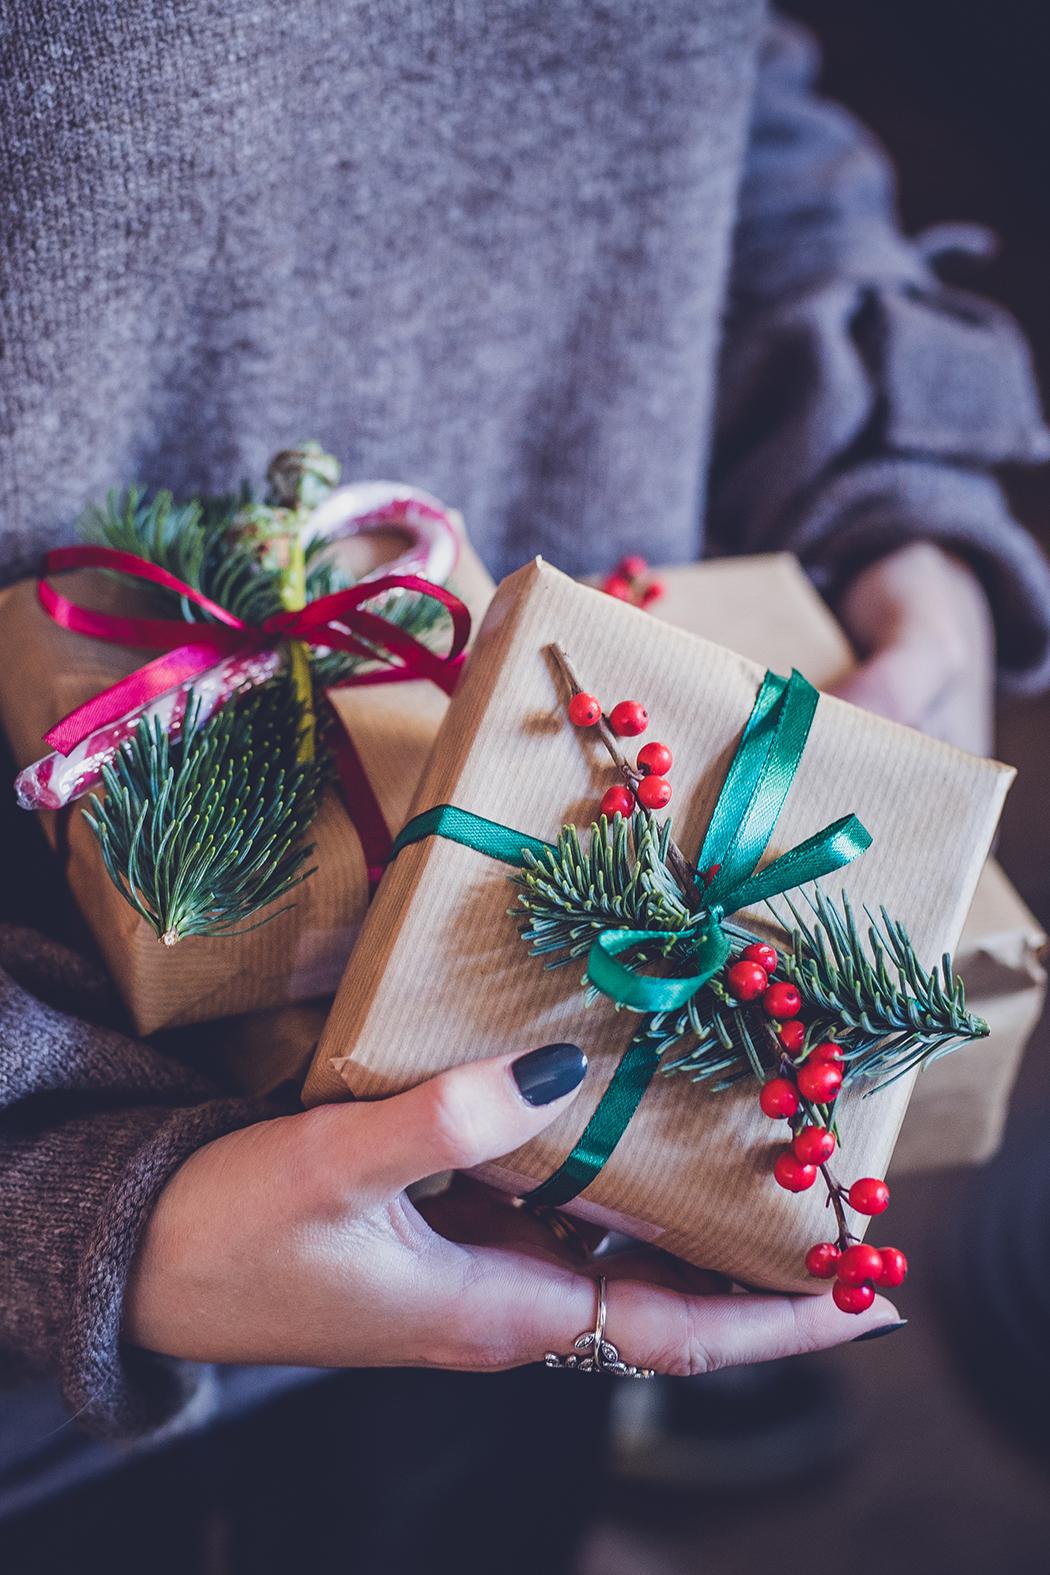 geschenkideen-schwester-freundin-mama-fossil-giftingguide-lindarella-weihnachten-8